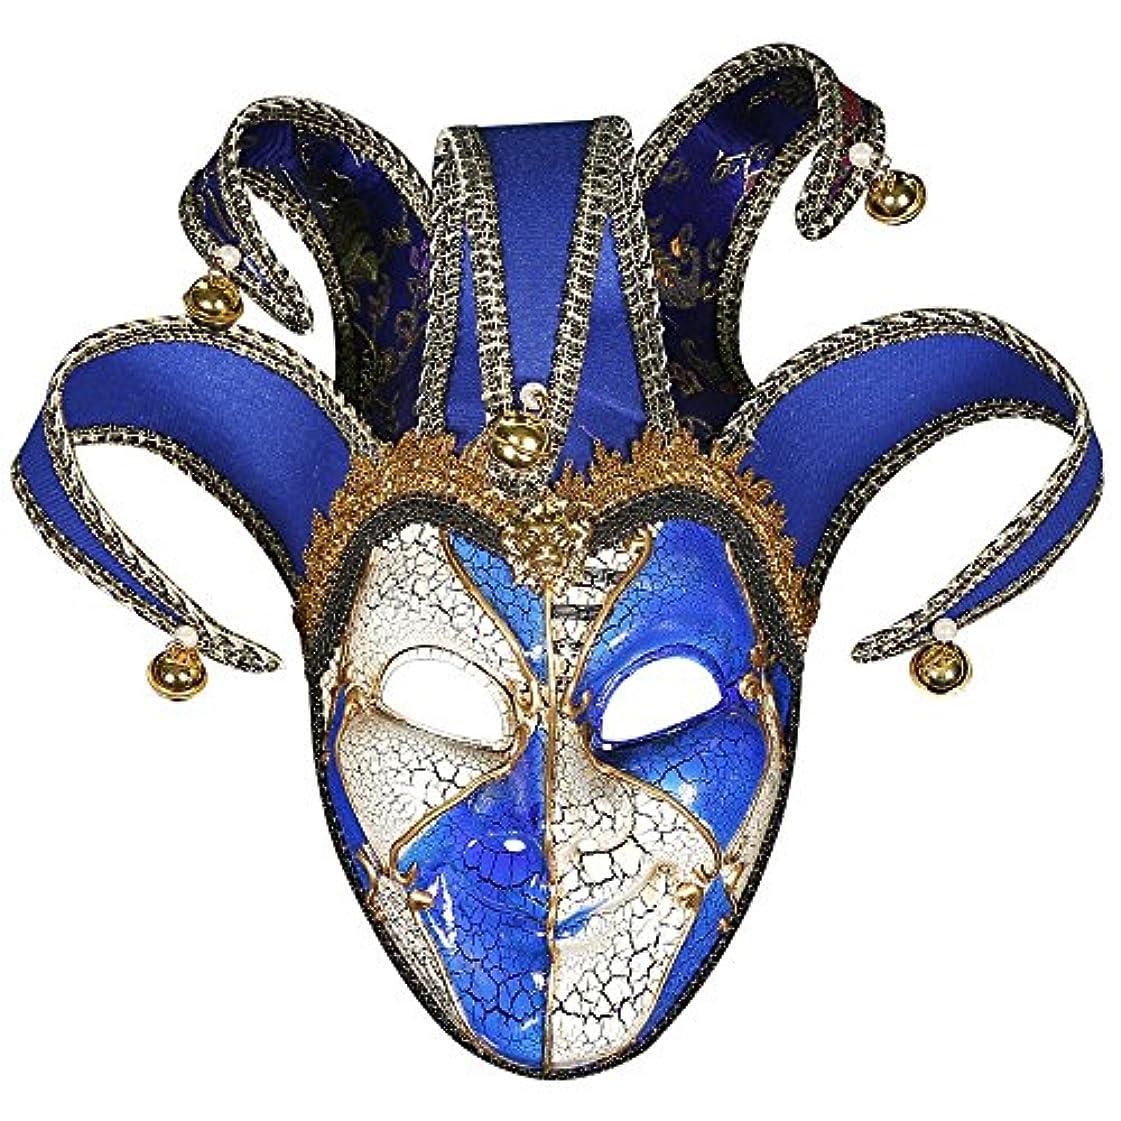 酔った時代地殻ハイエンドの美しいクラックフェスティバル仮面舞踏会マスクハロウィーン誕生日パーティーピエロマスク (Color : C)